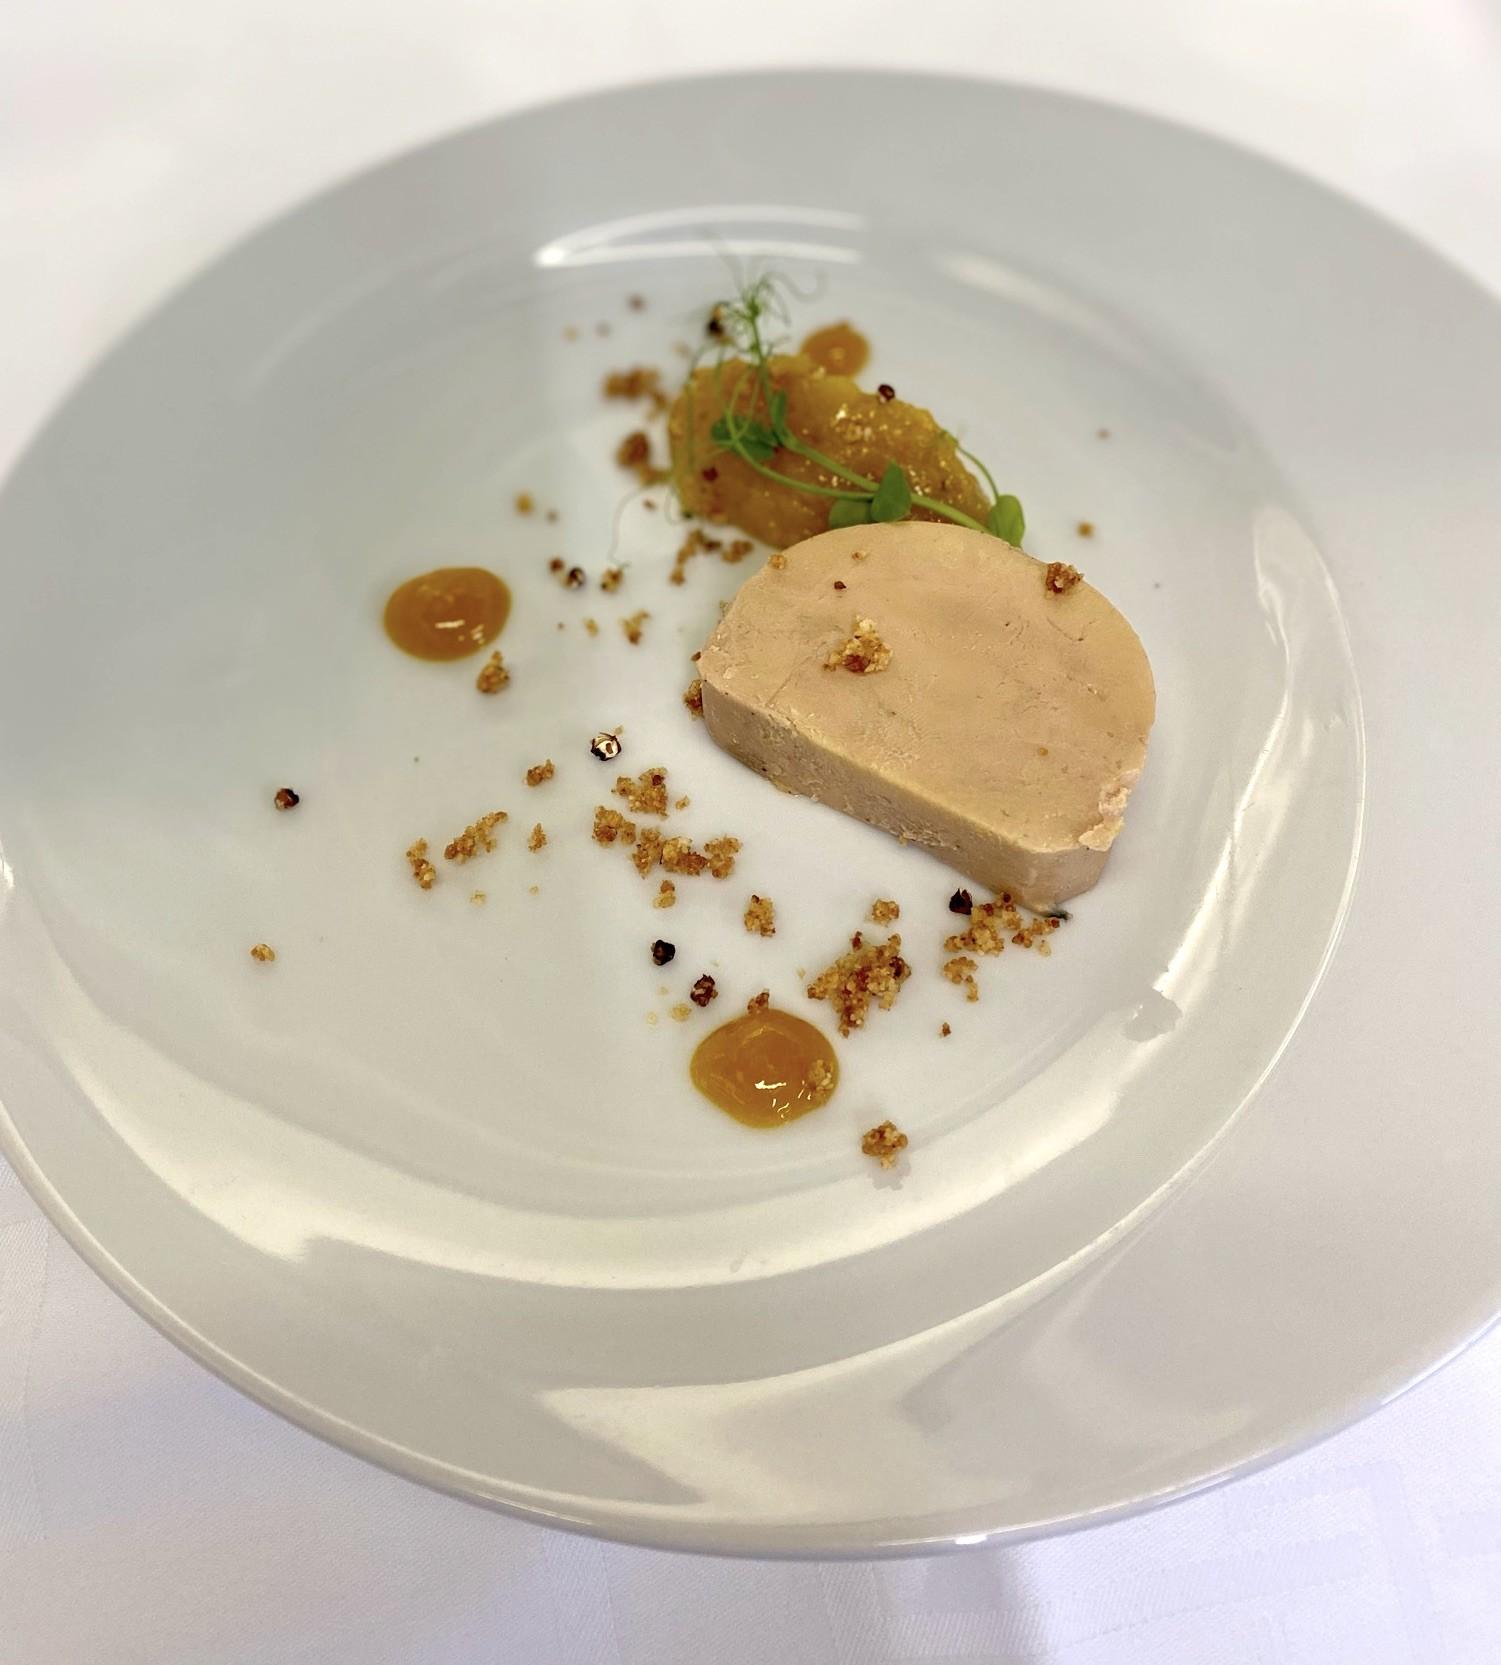 Foie gras de canard mi cuit gel passion confit exotique au poivre timut crumble au sarrasin grille